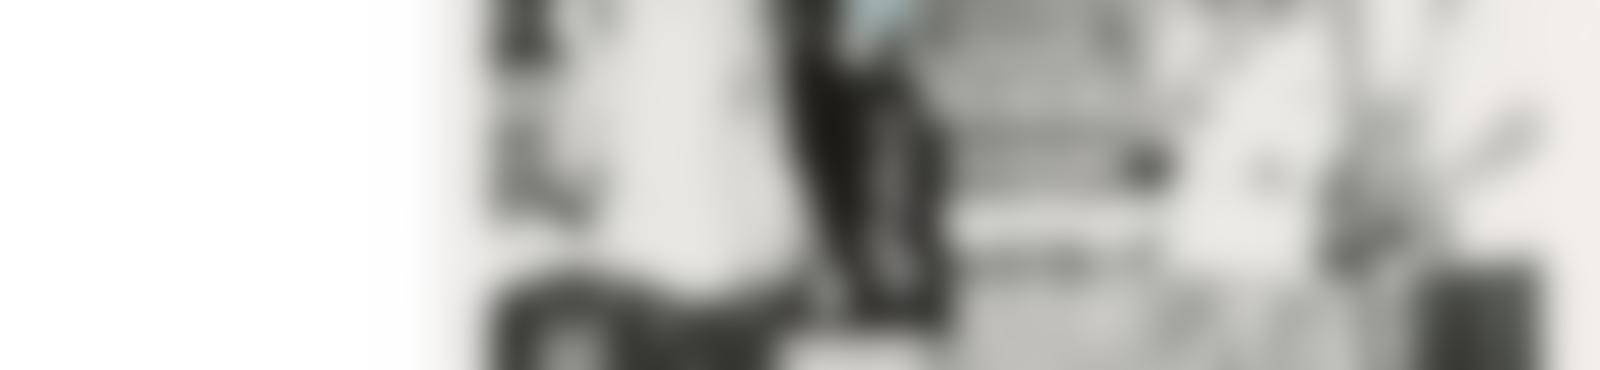 Blurred 31ed783f c6f0 4374 8c2d 524e68ee5841